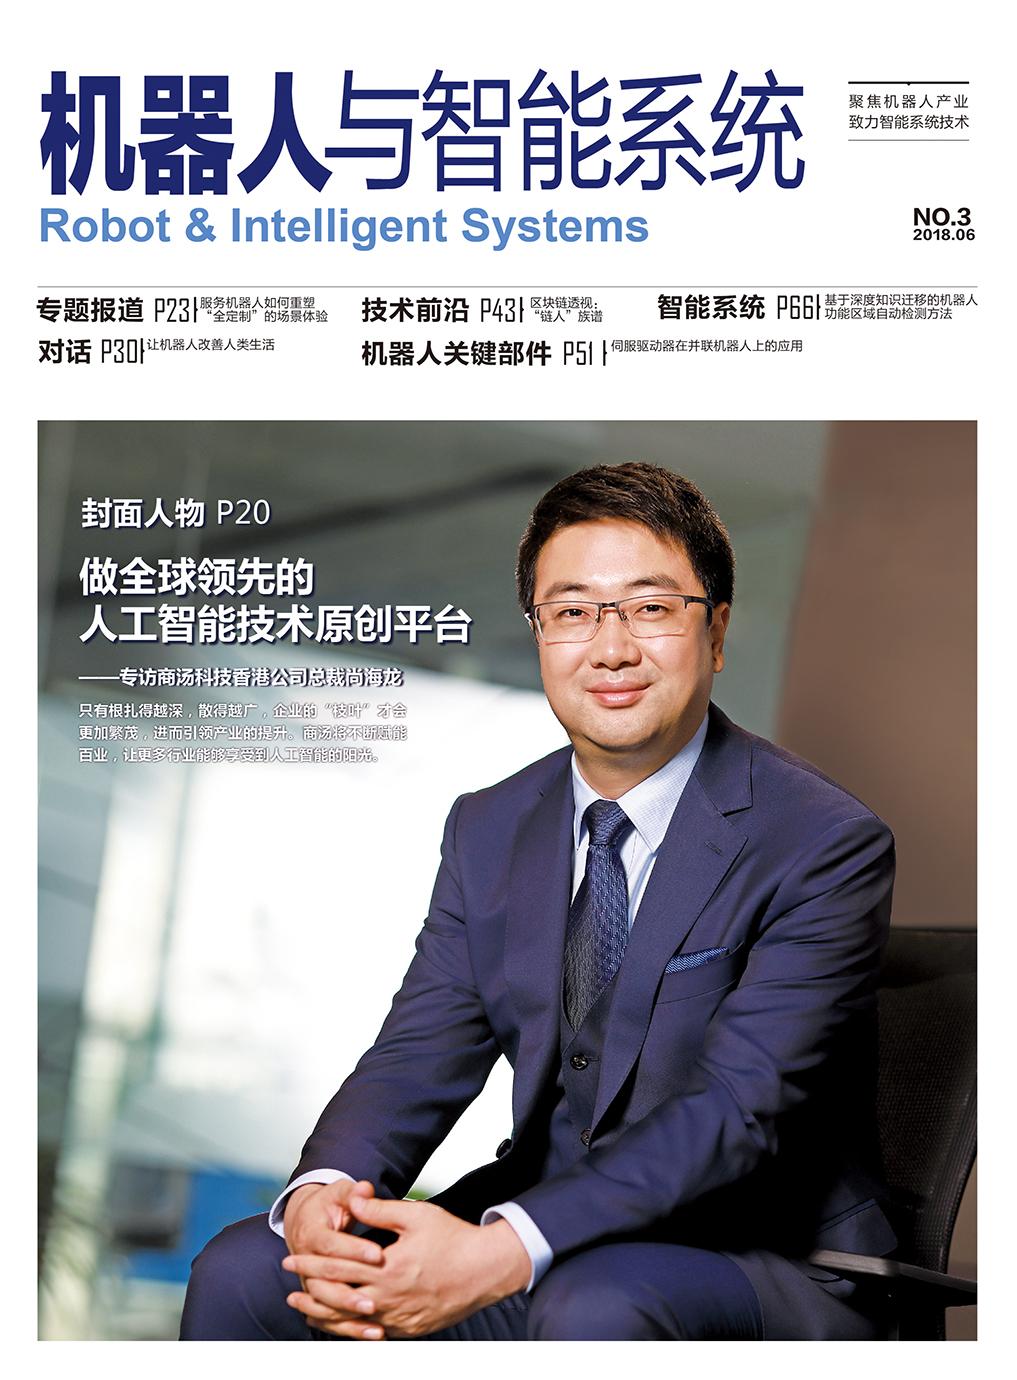 《机器人与智能系统》